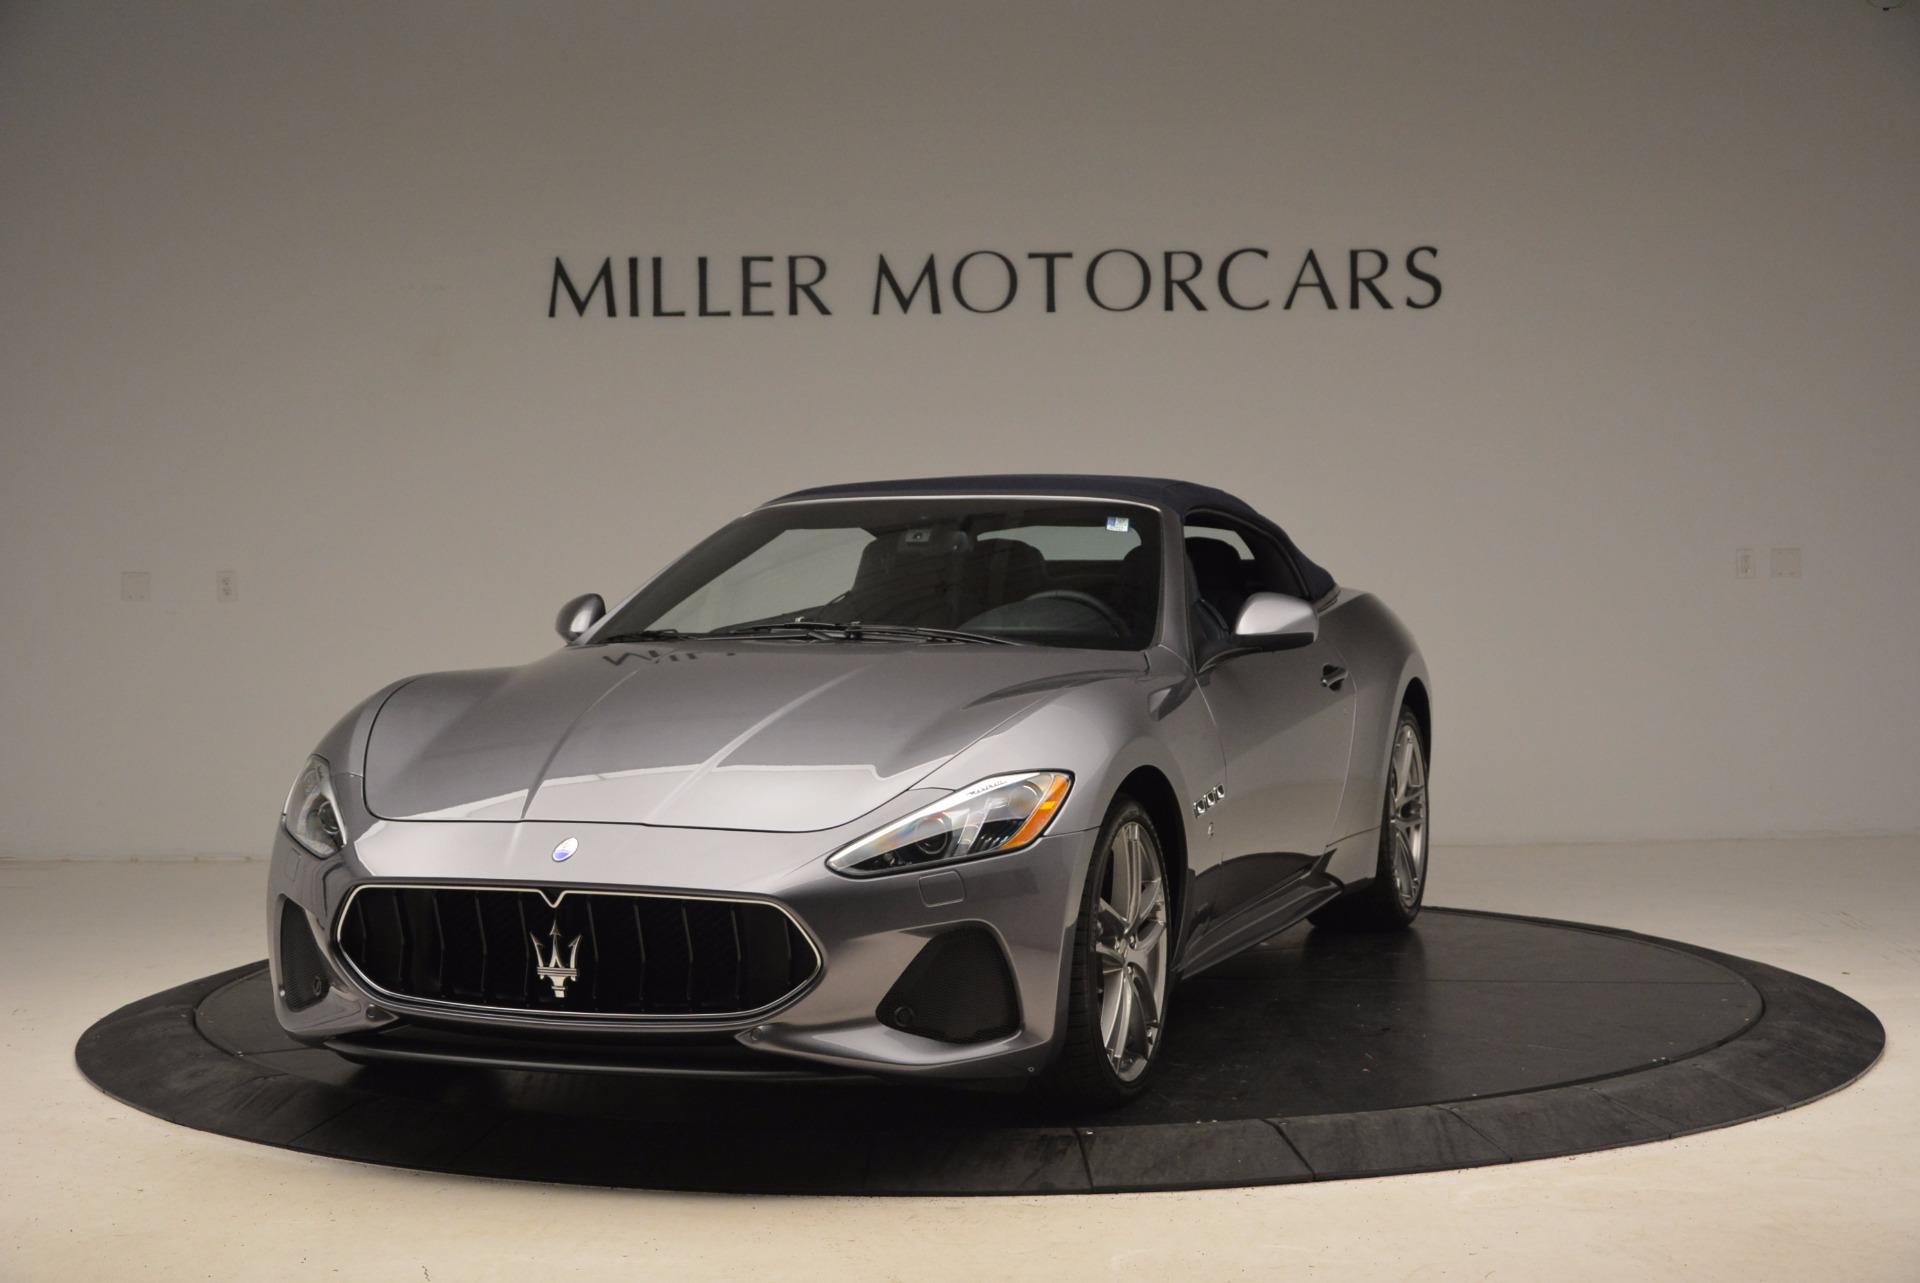 New 2018 Maserati GranTurismo Sport For Sale In Greenwich, CT 1707_main